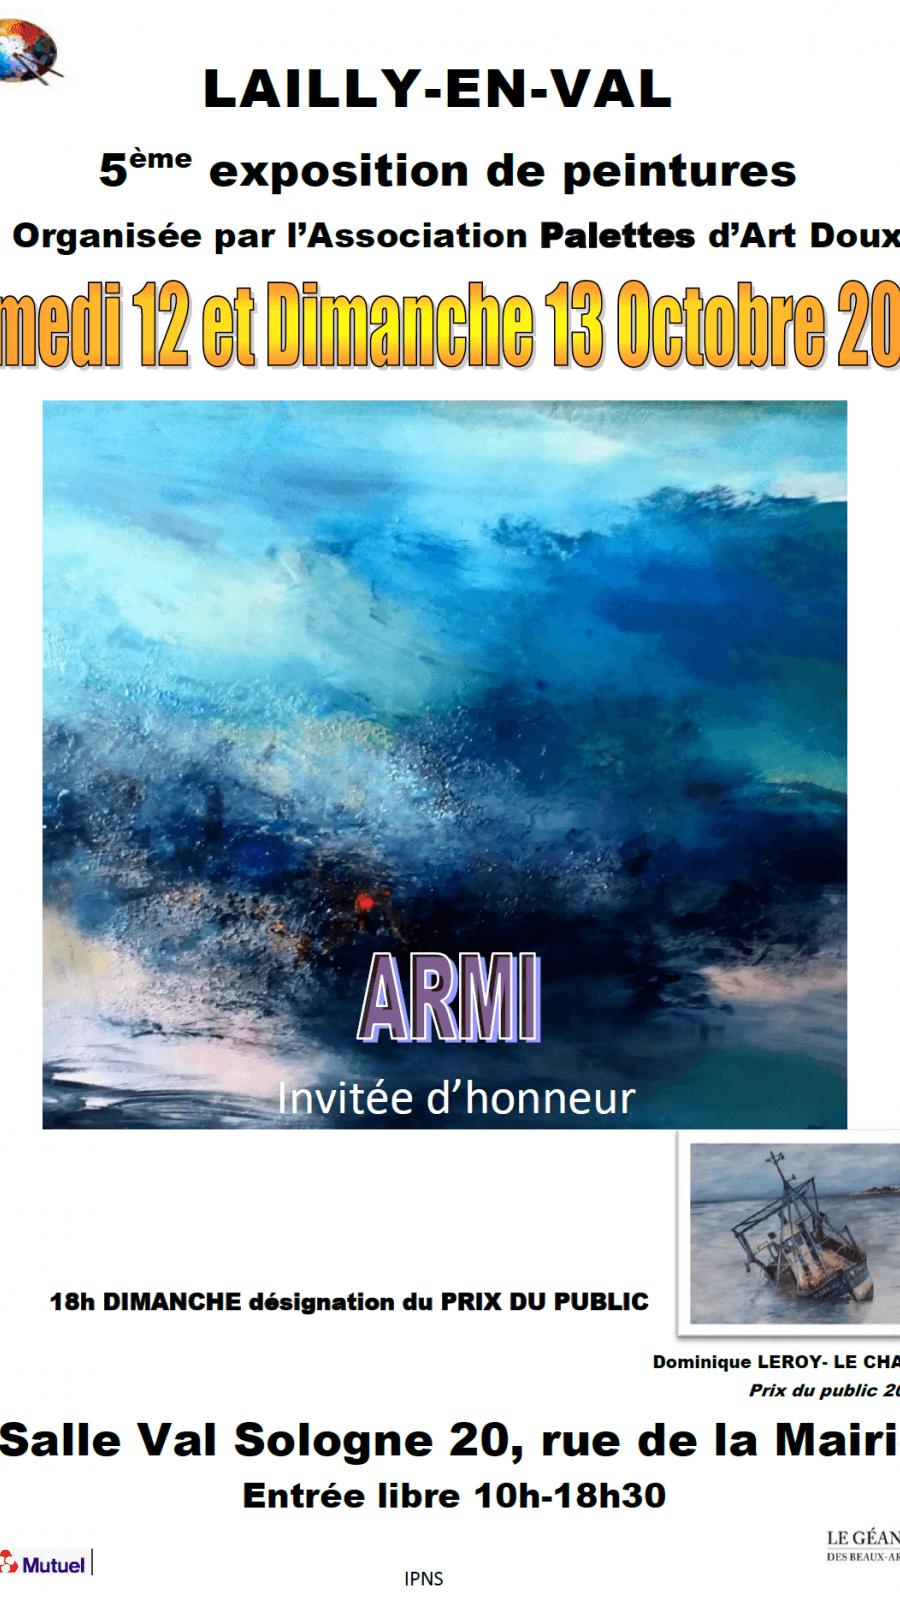 Exposition de peintures de l'association Palettes d'art doux